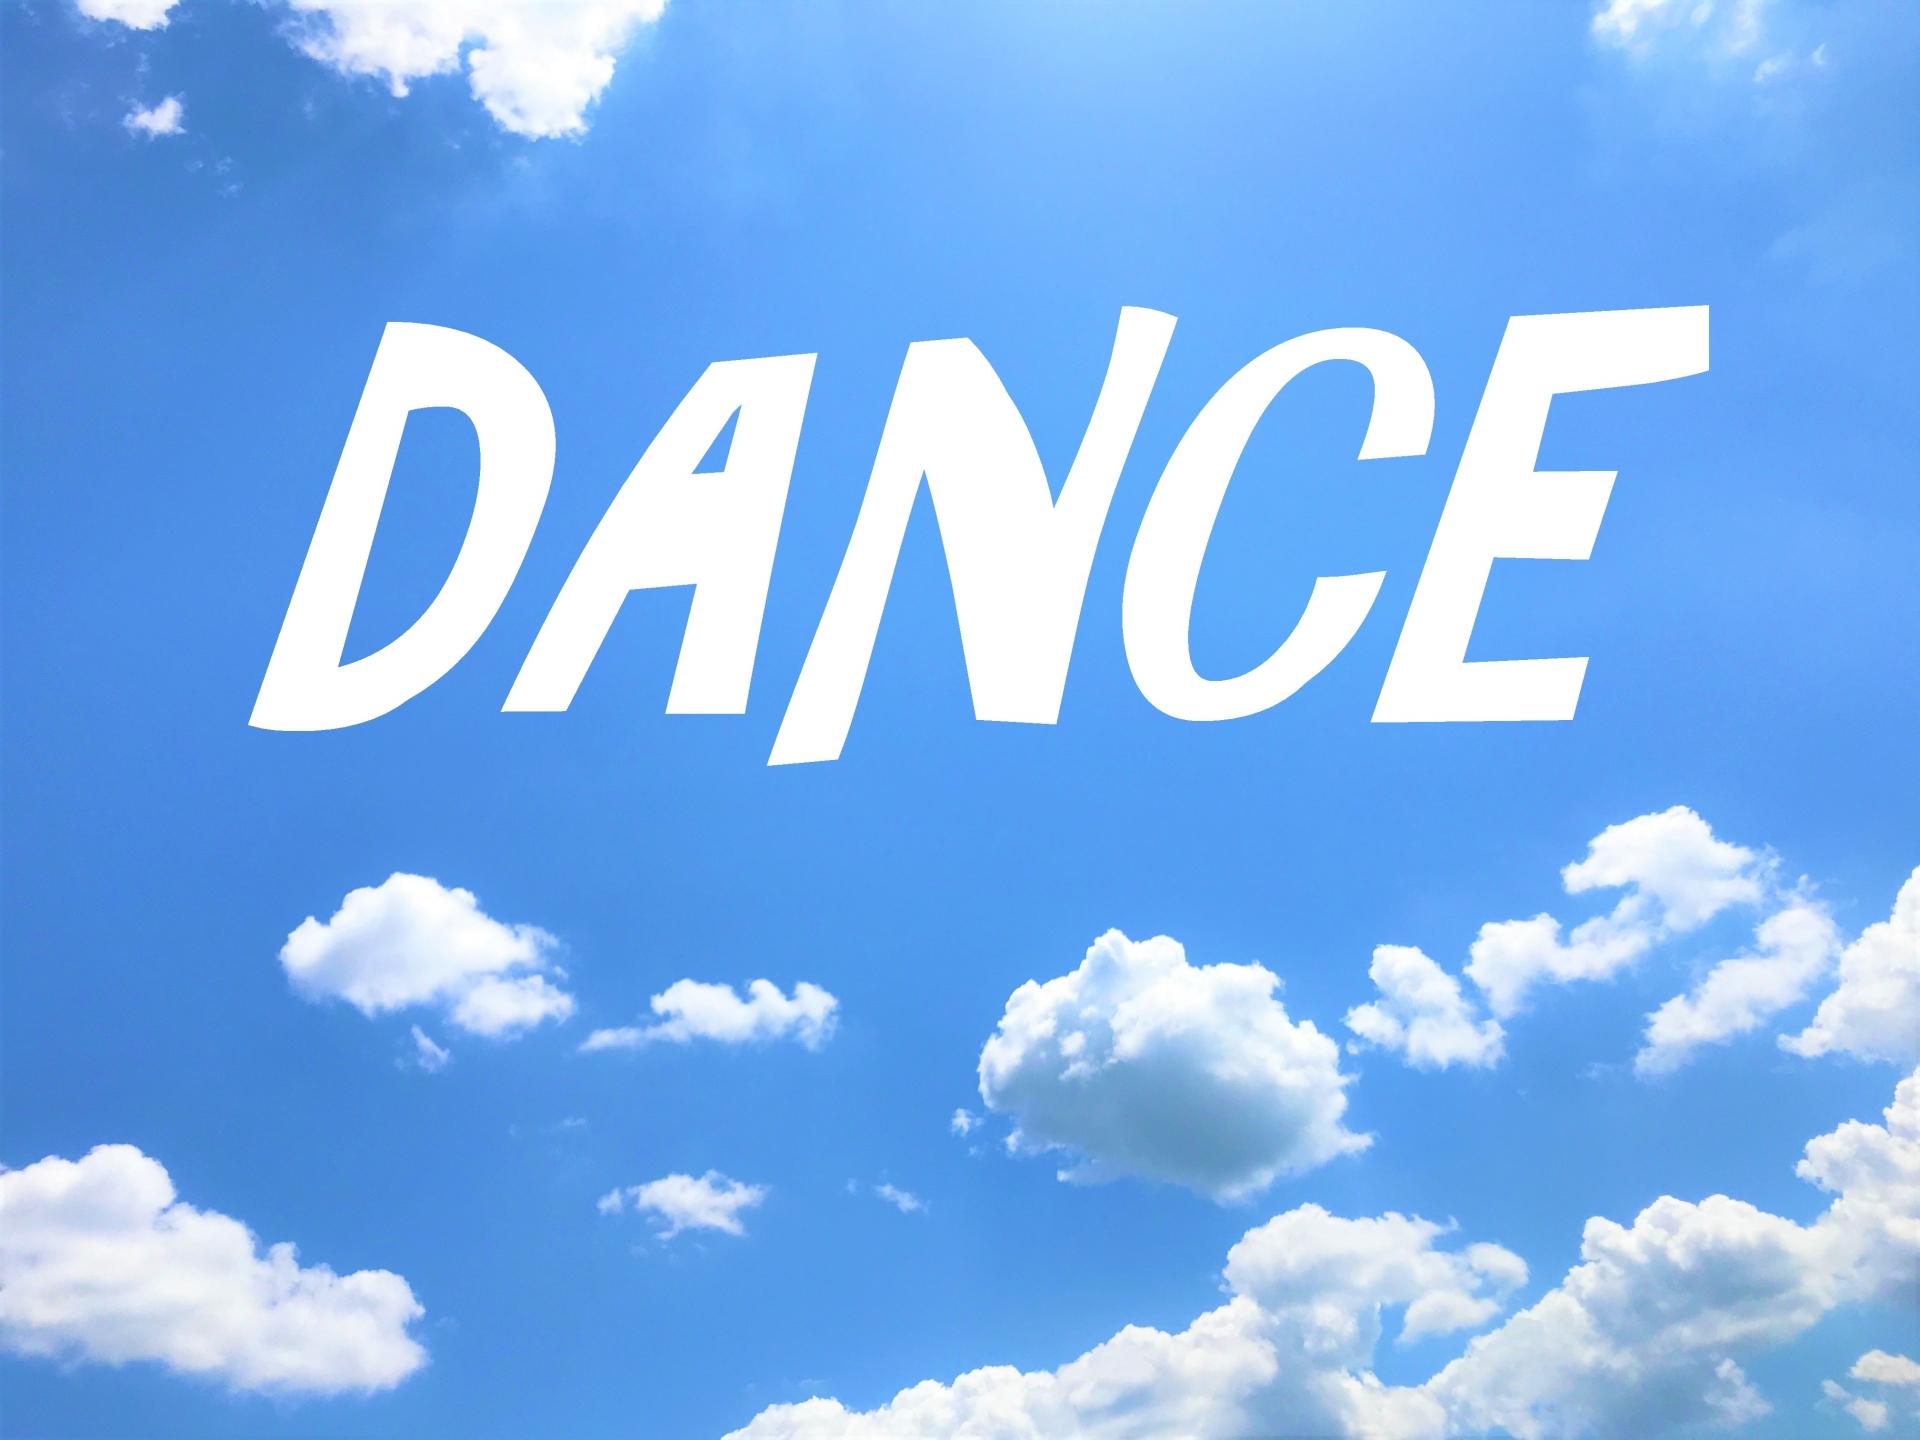 ダンス大会写真